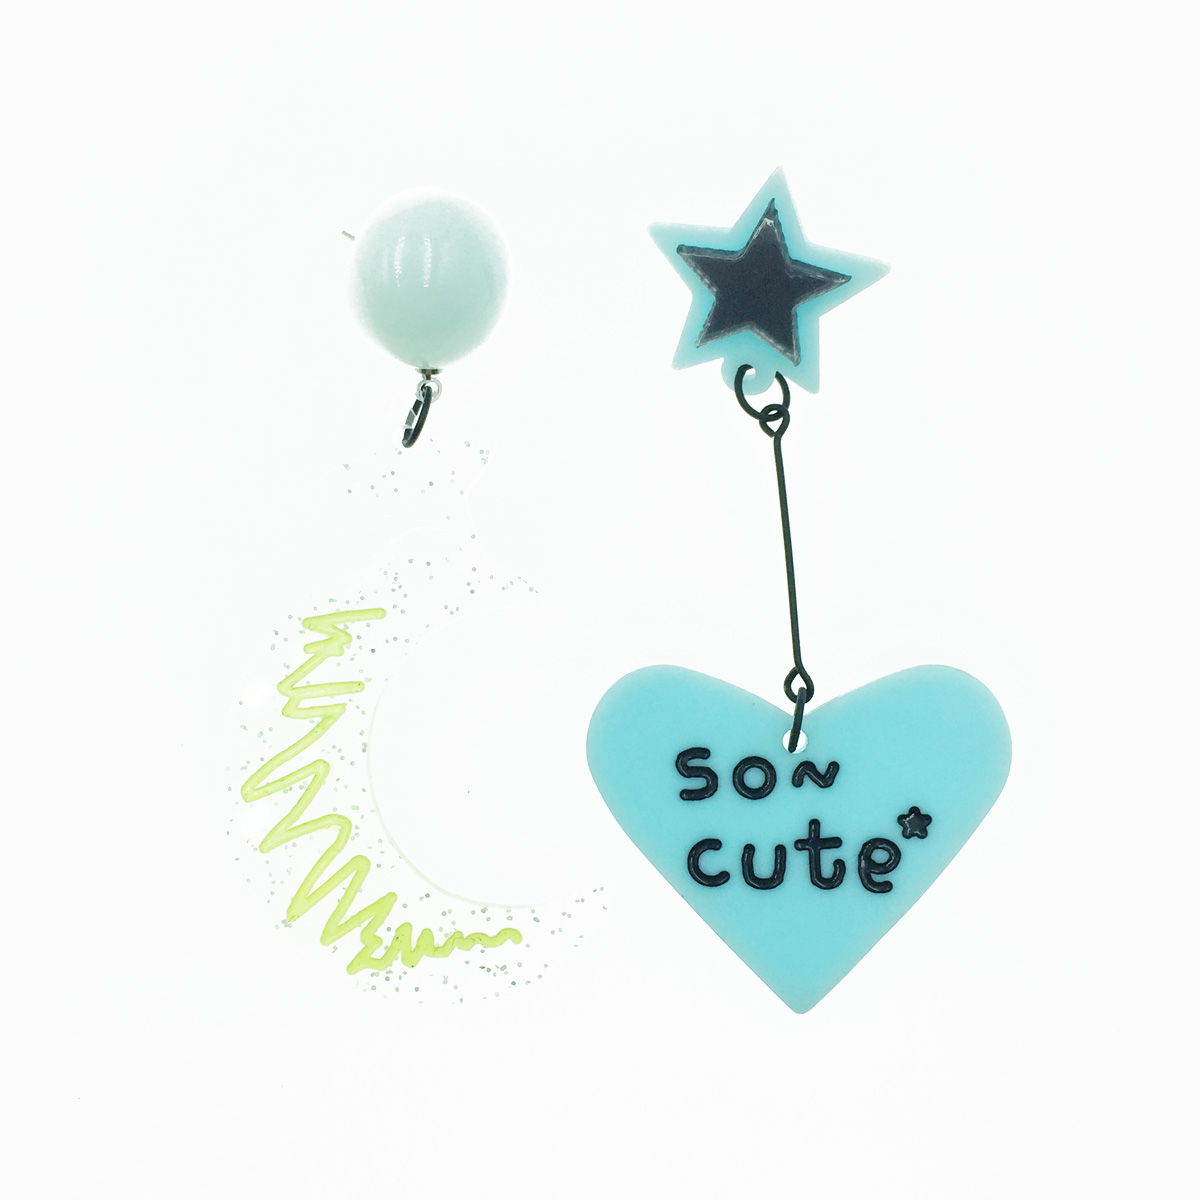 韓國 925純銀 不對稱 透明月亮 星星 塗鴉 愛心 馬卡龍色 垂墜感 耳針式耳環